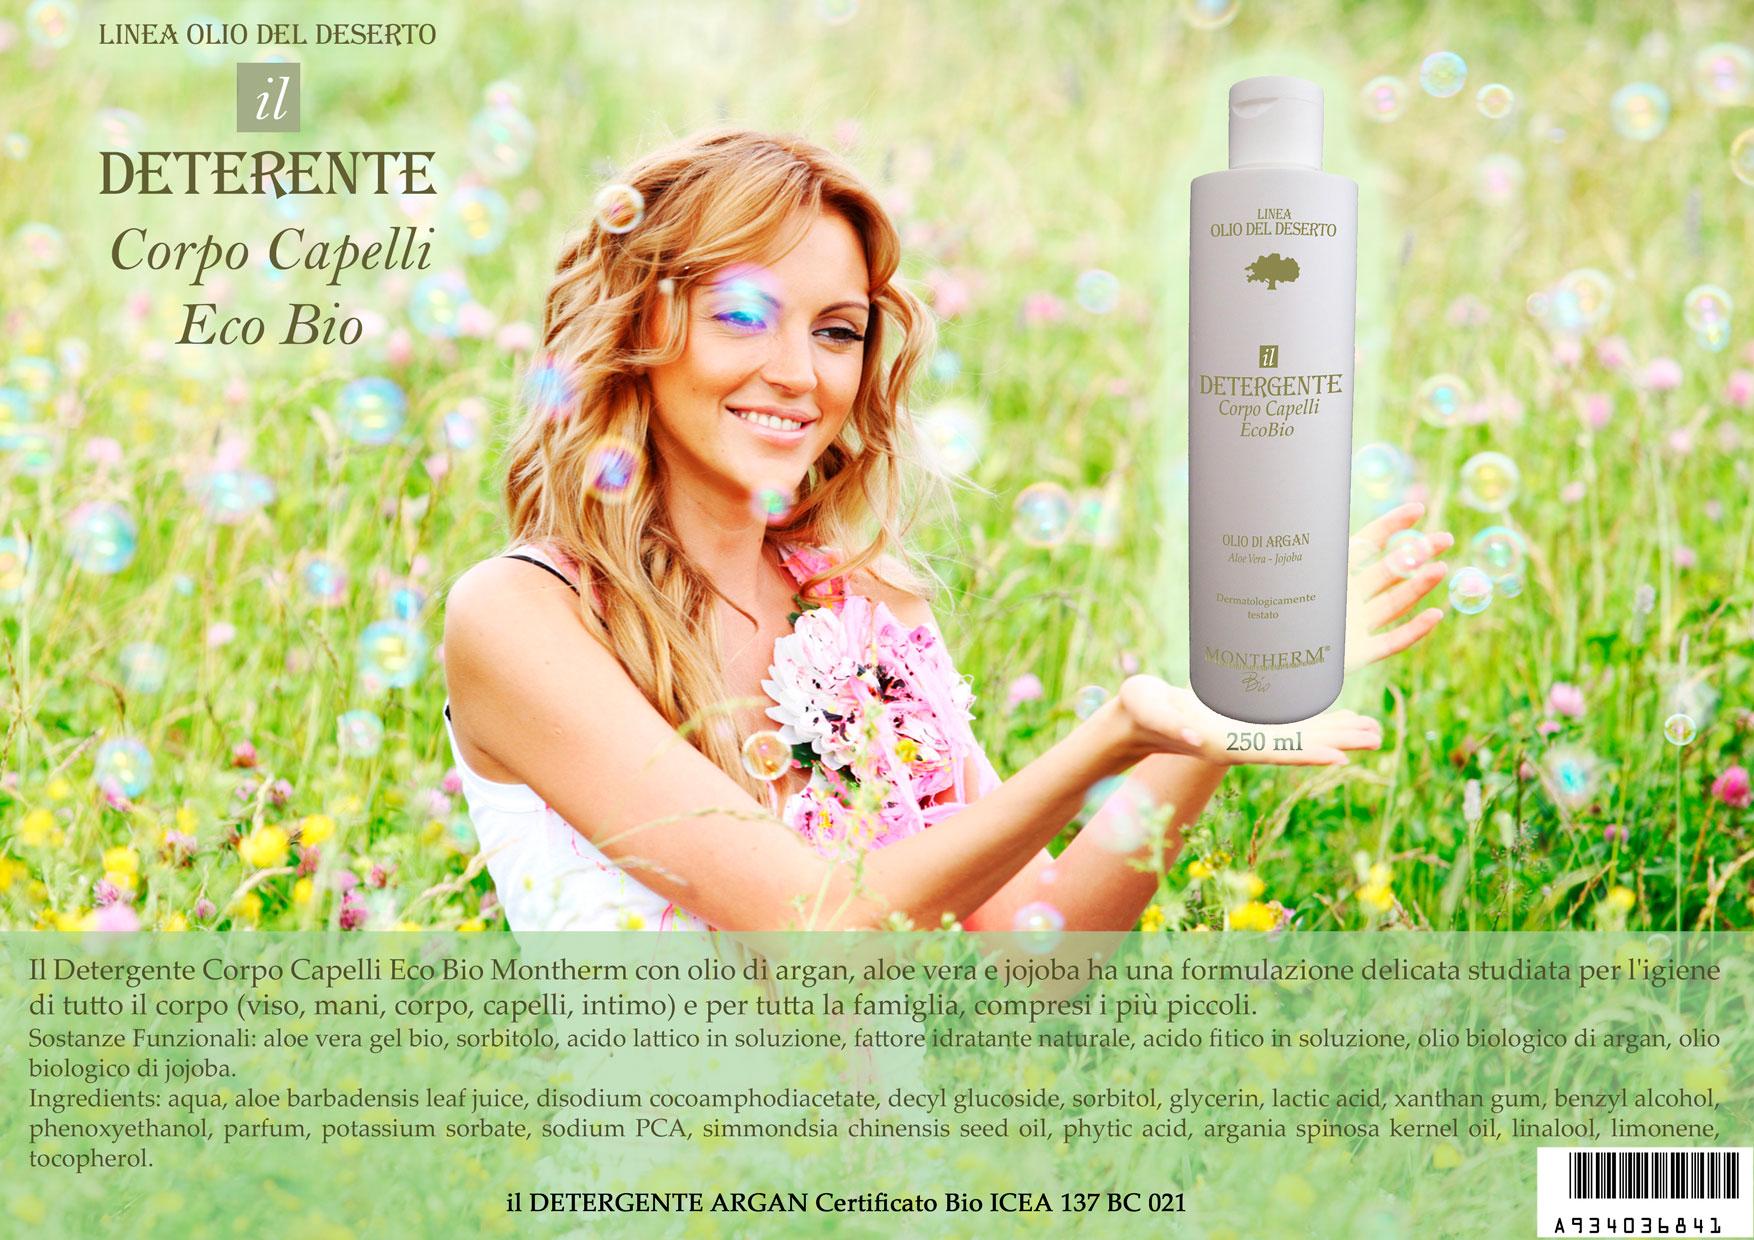 Scheda-X-catalogo-detergente-universale-argan-NEW